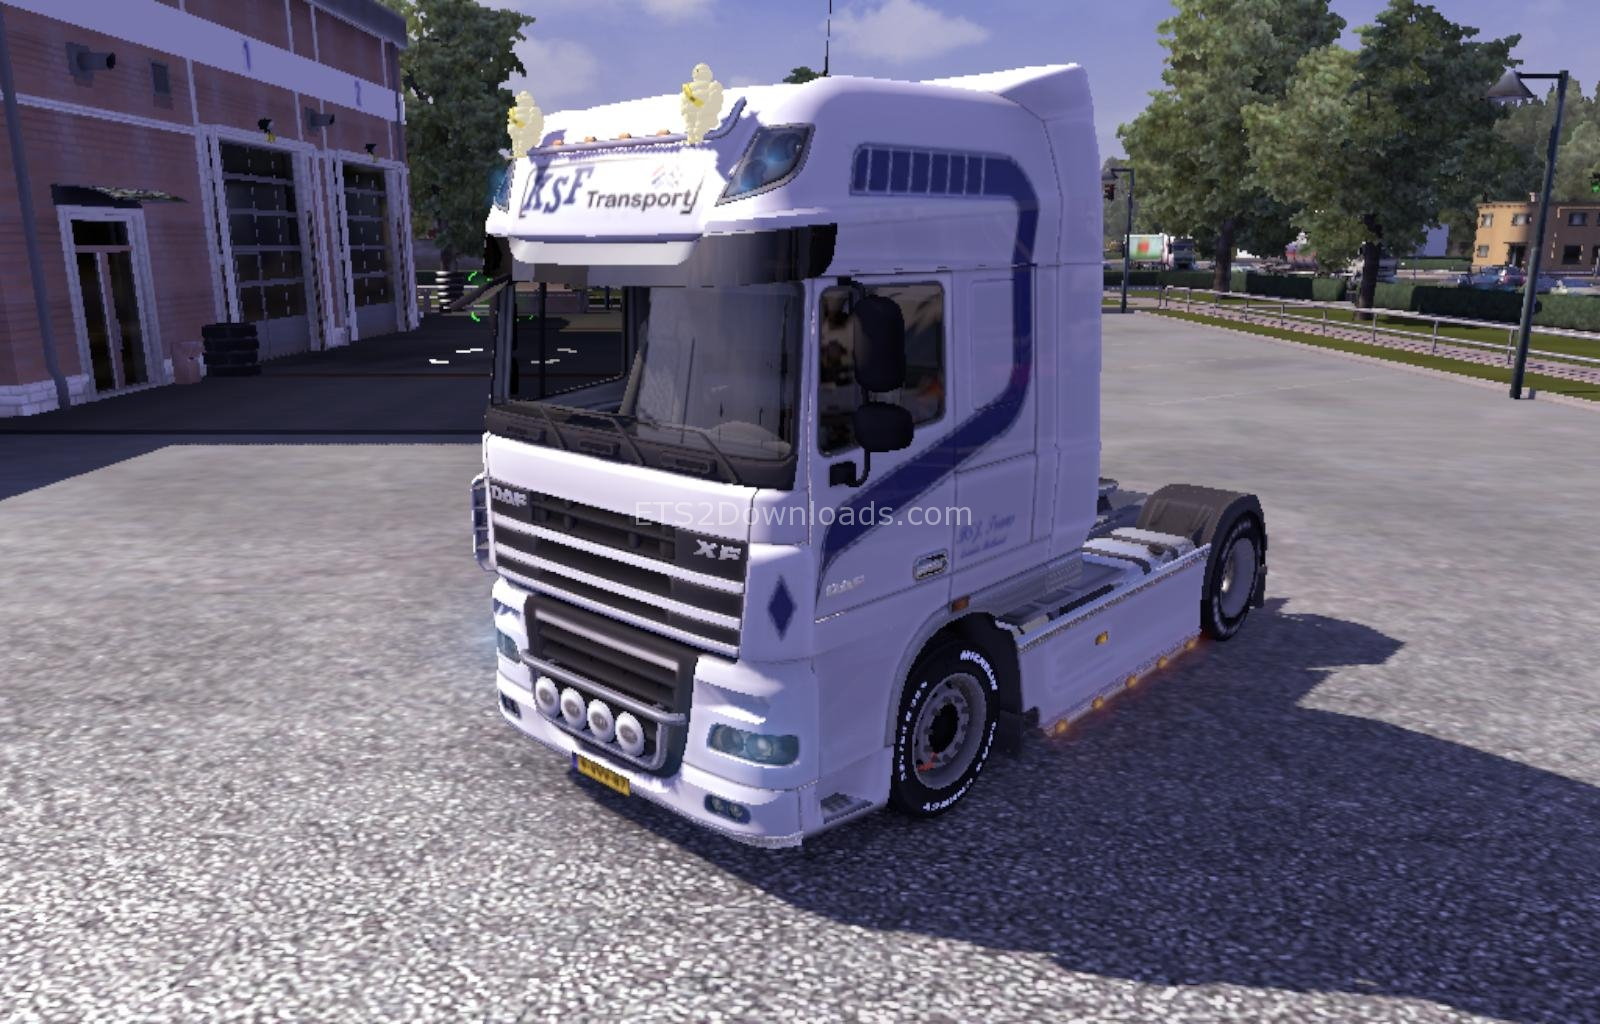 ksf-transport-skin-for-daf-ets2